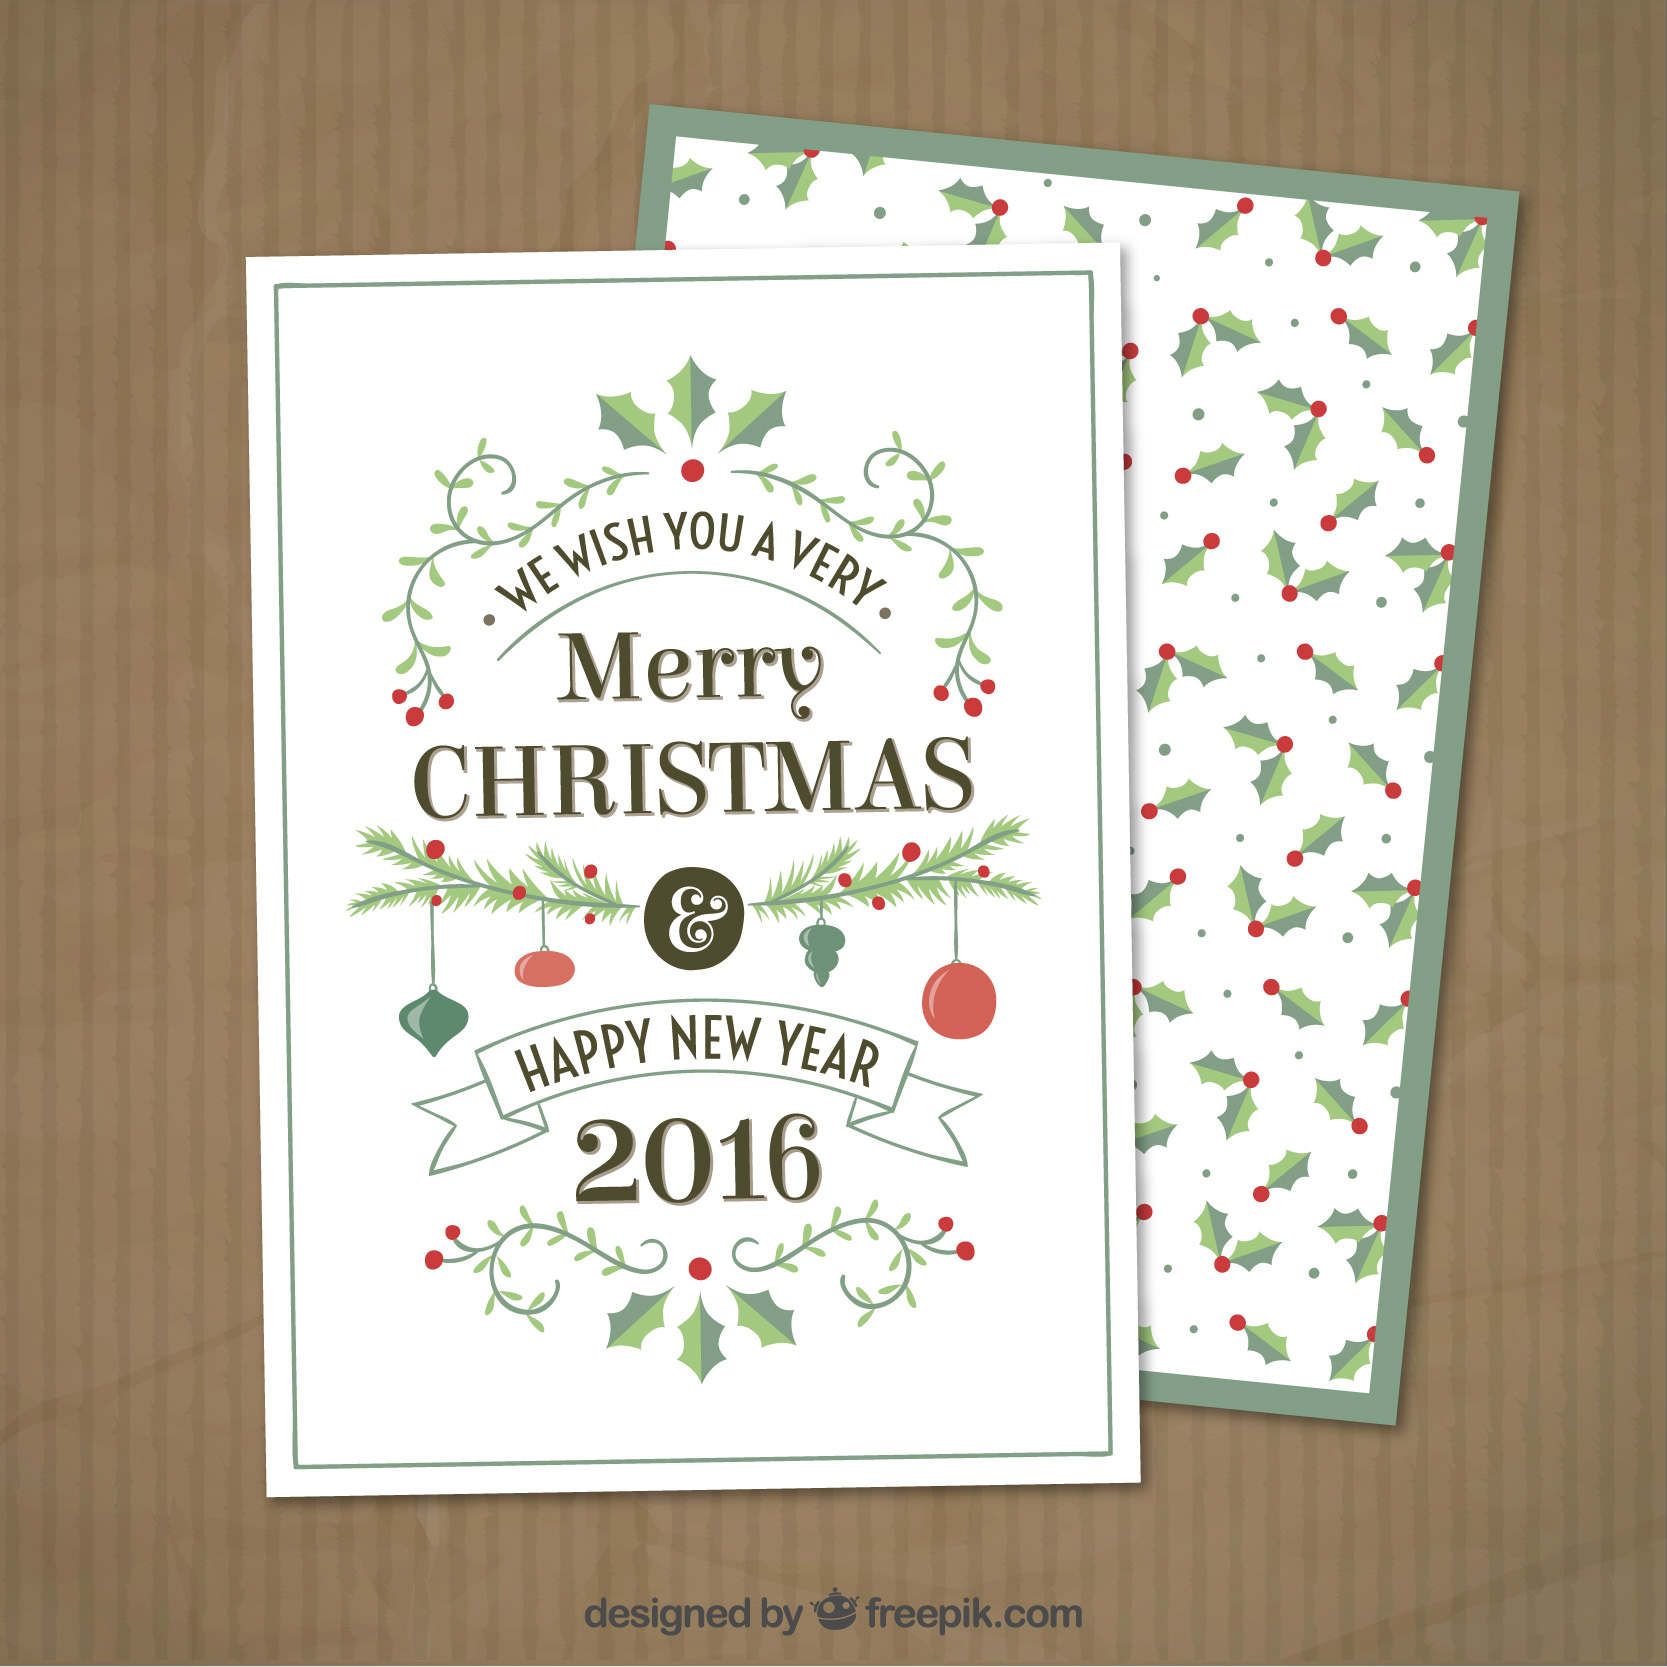 Biglietti Di Natale Da Stampare Gratis.3 Biglietti Auguri Di Natale Da Stampare Gratis Sr Blog